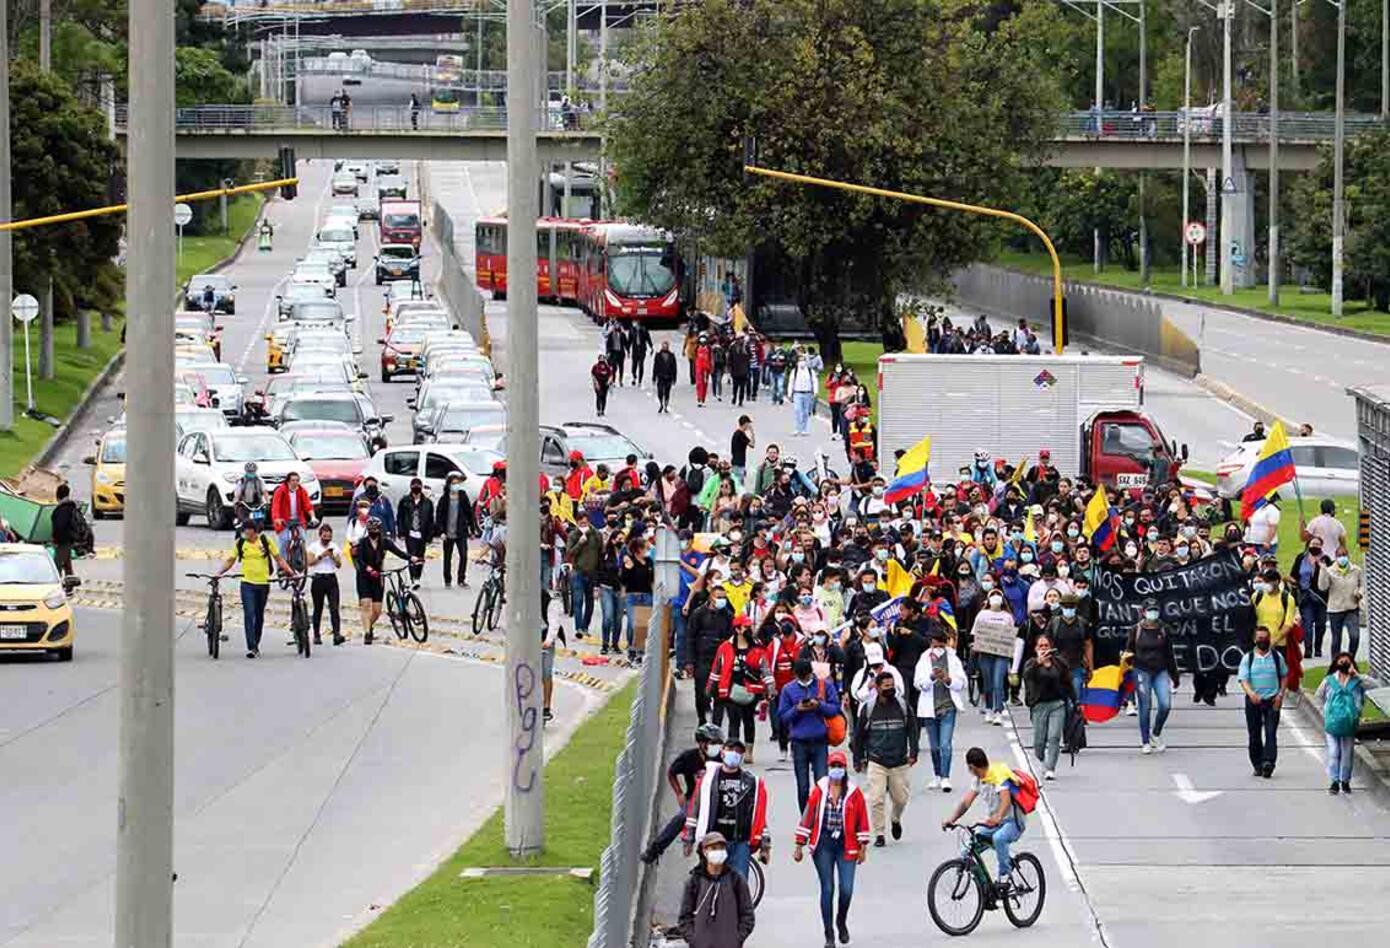 Paro nacional Colombia: protesta pacífica en Los Héroes el 12 de mayo